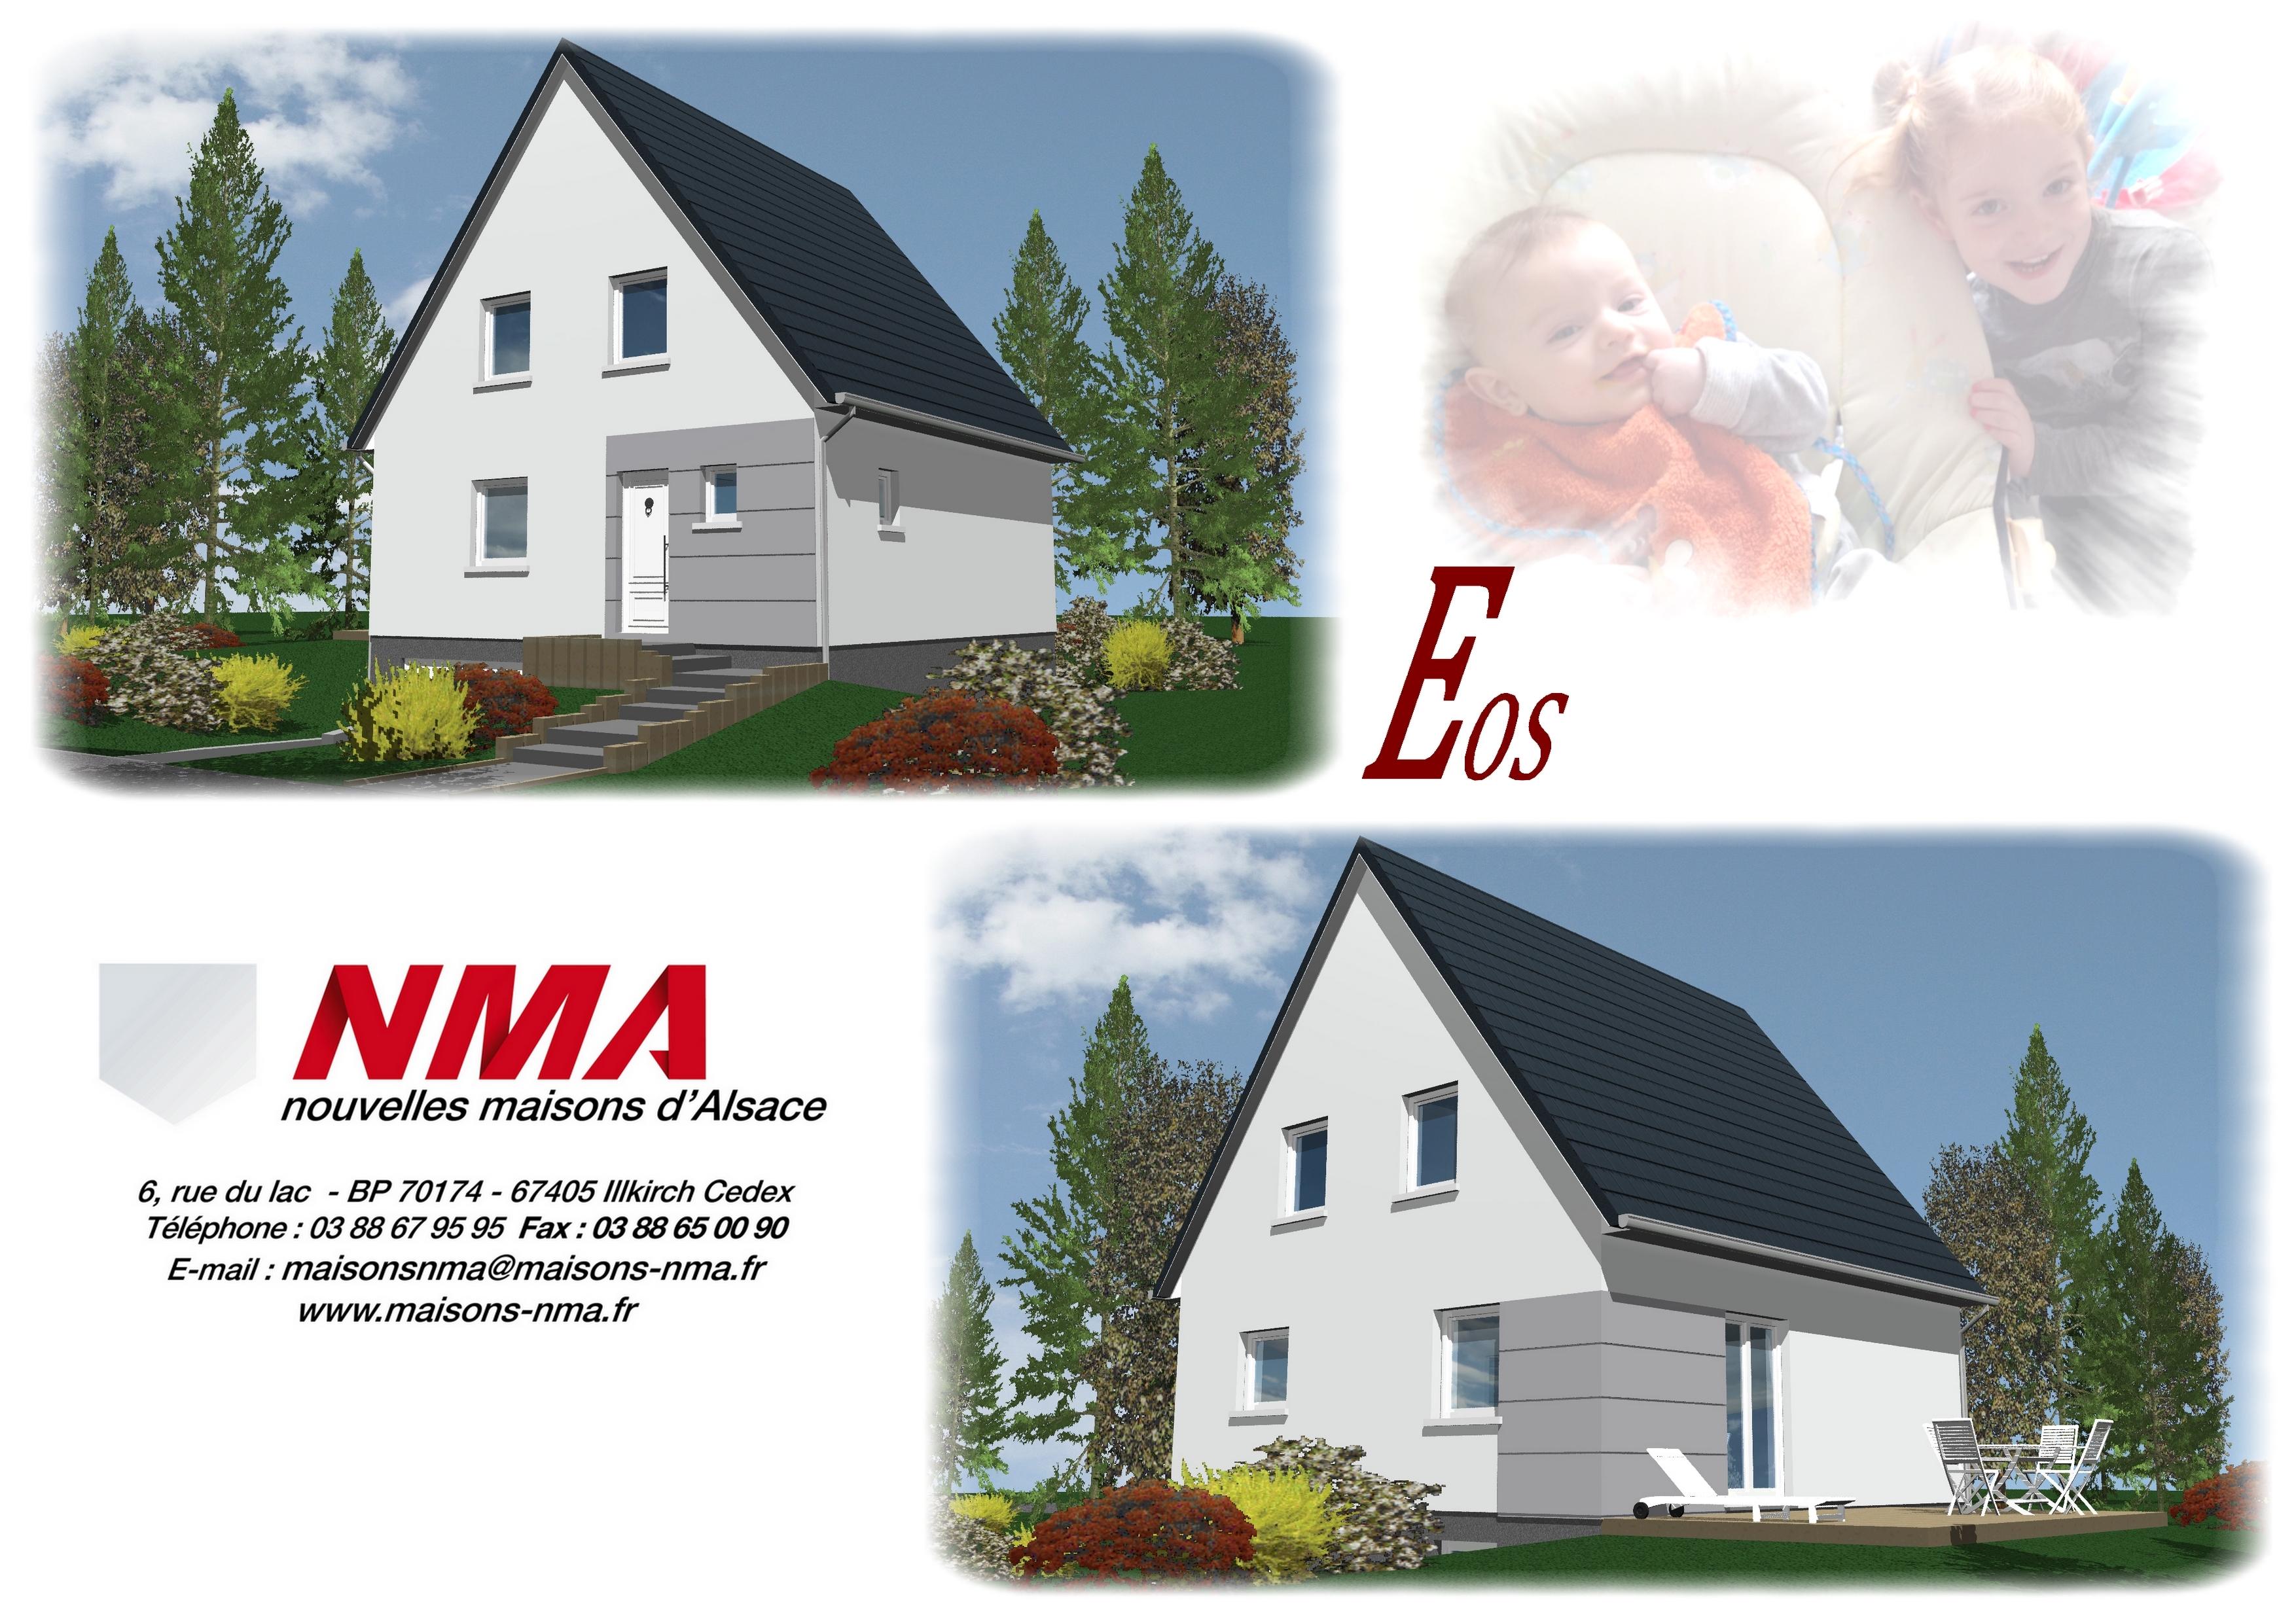 Maisons + Terrains du constructeur NMA • DAHLENHEIM